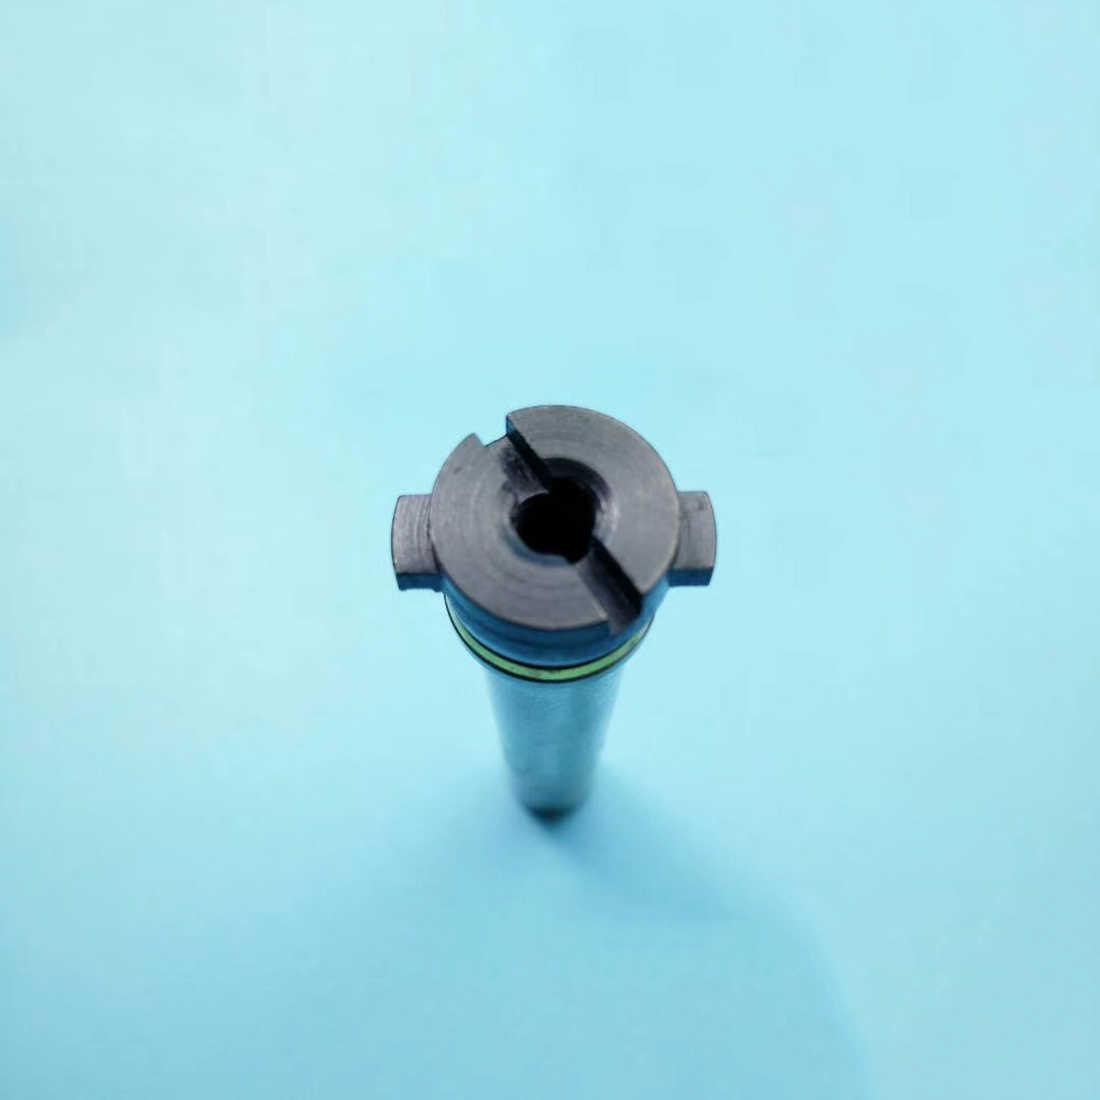 Новые Водные гелевые бусинки запчасти, специальный металлический подшипник пружинное руководство для JM Gen.9 M4A1 модификация коробки передач обновление-черный + серебристый